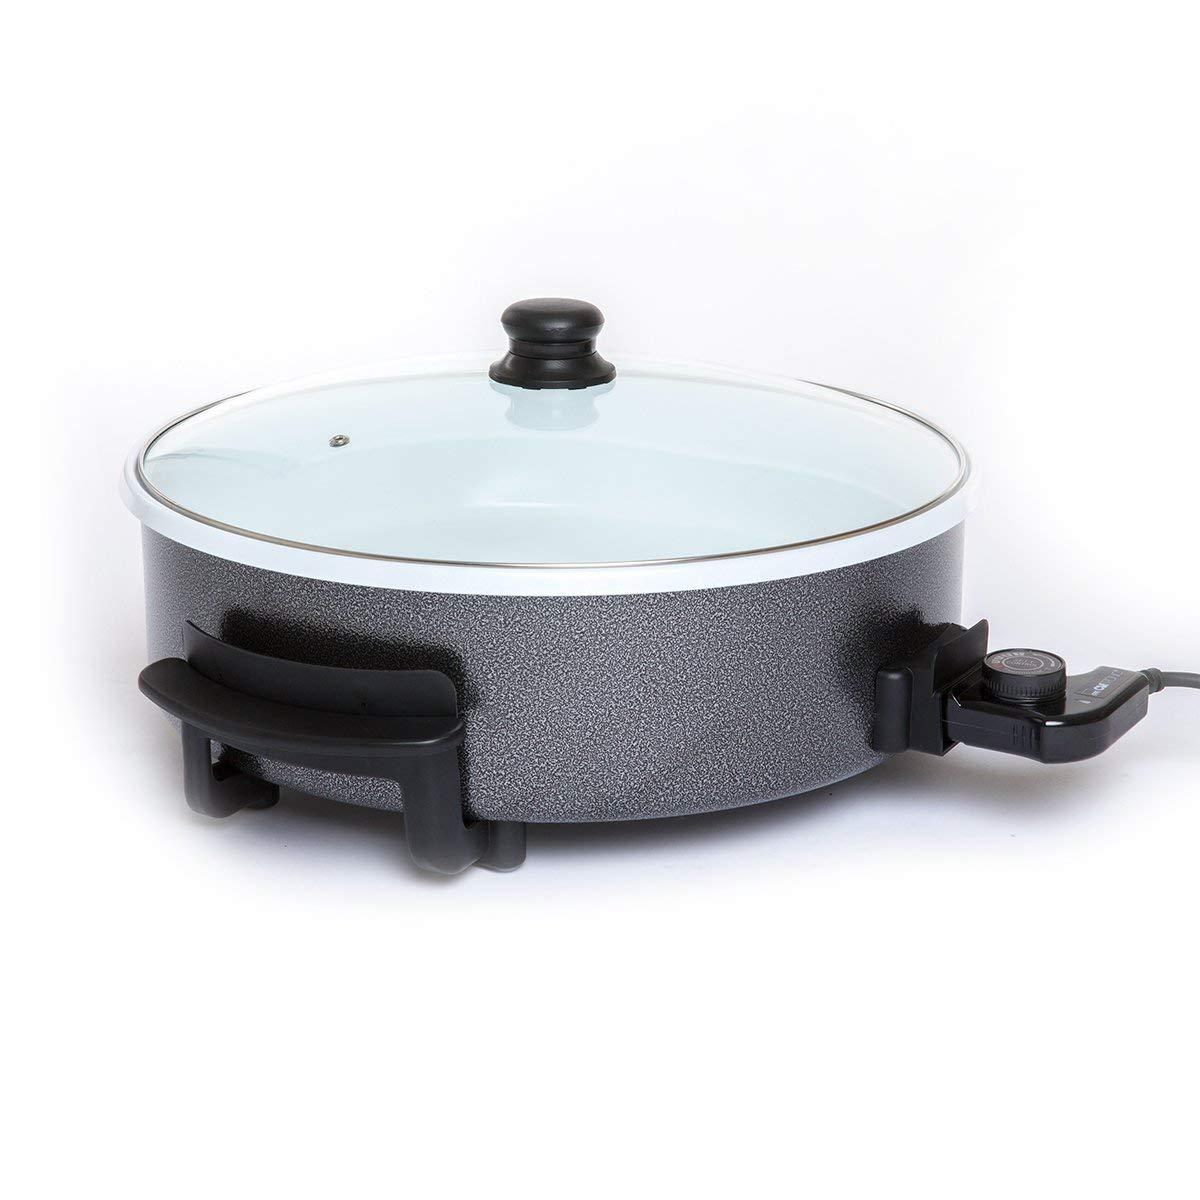 Clatronic PP 3570 C Sartén eléctrica cerámica con tapa de cristal, diámetro 42 cm, 1500 W, Negro